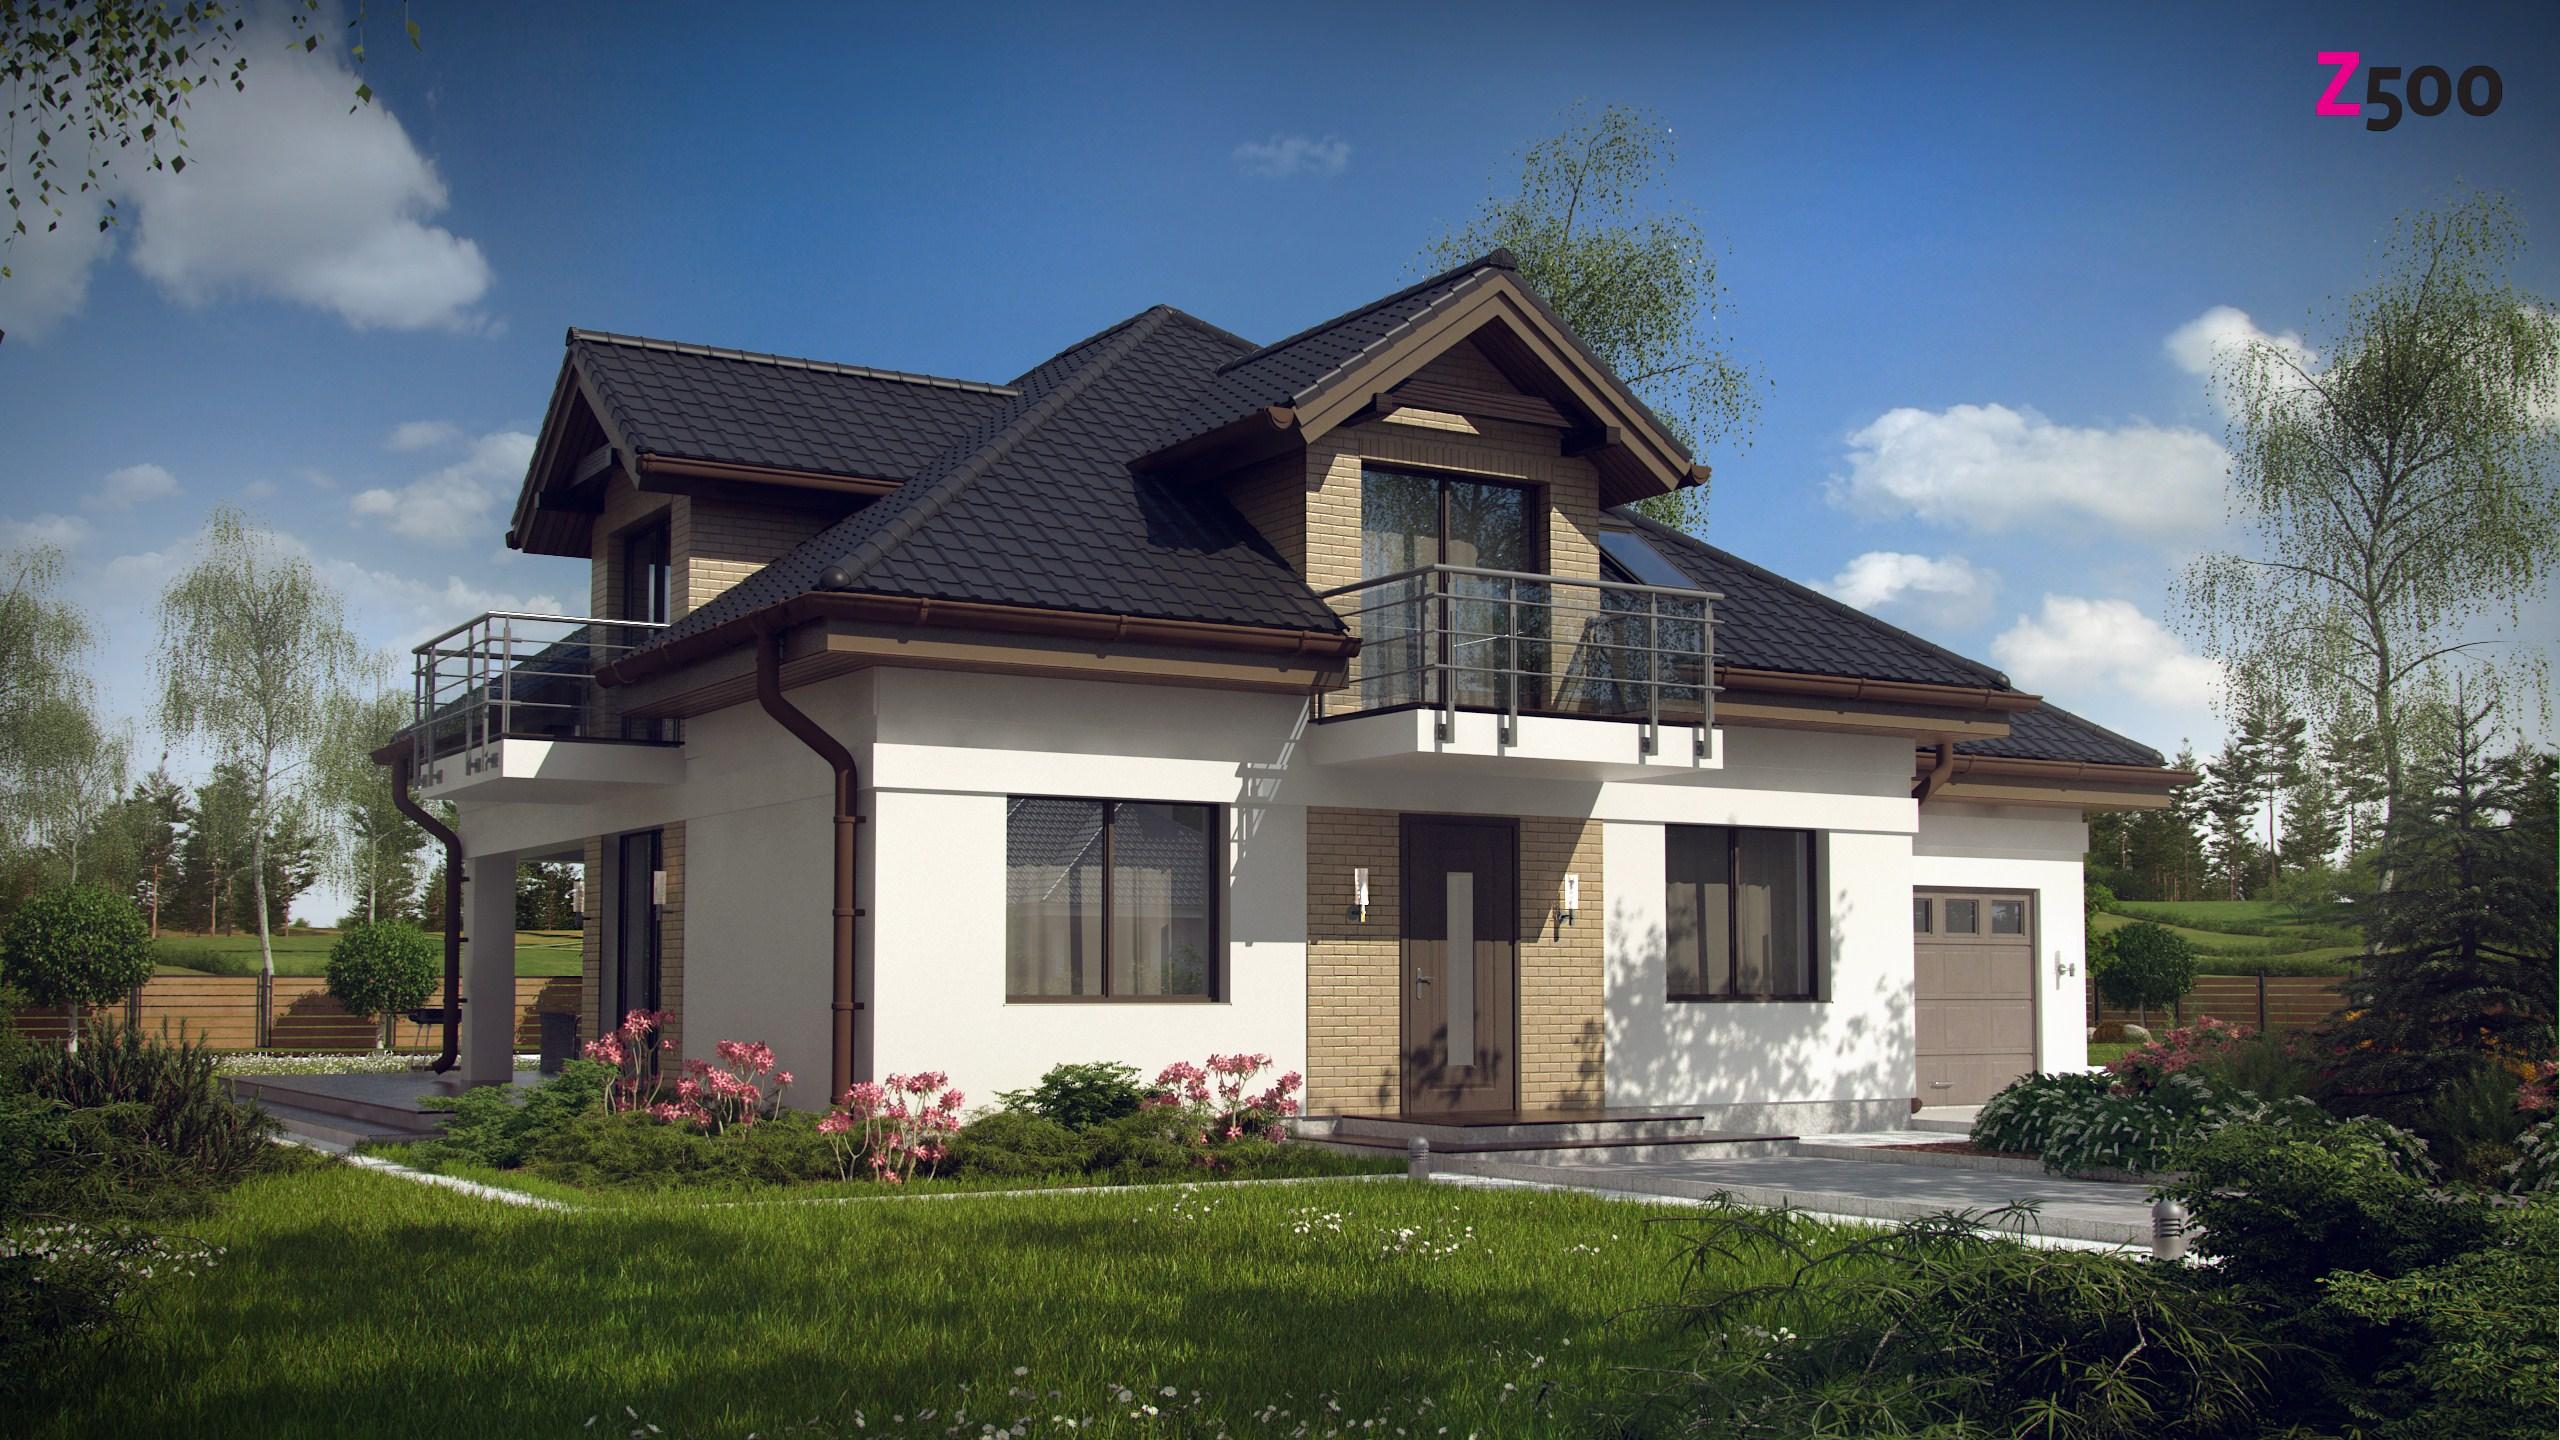 Дом из сип панелей проект z283 (z500) 286 м2 1287000 руб. пр.